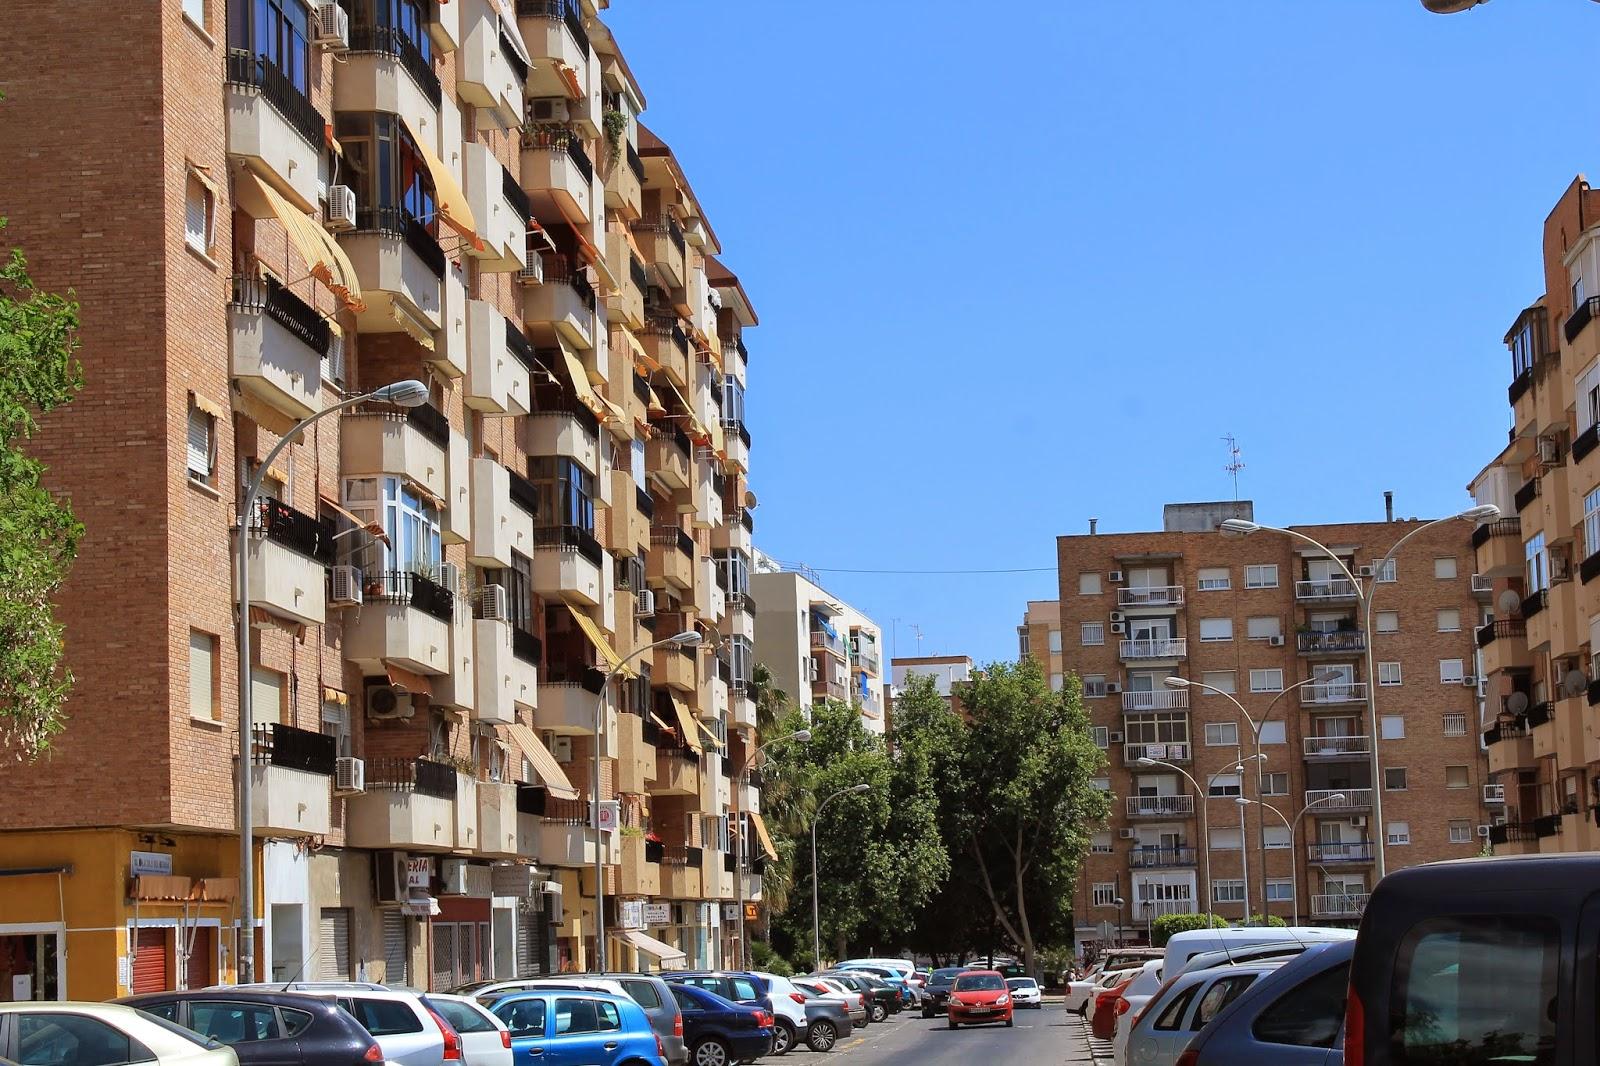 A diez minutos del centro 127 cartagena ciudad jard n for Centro medico ciudad jardin